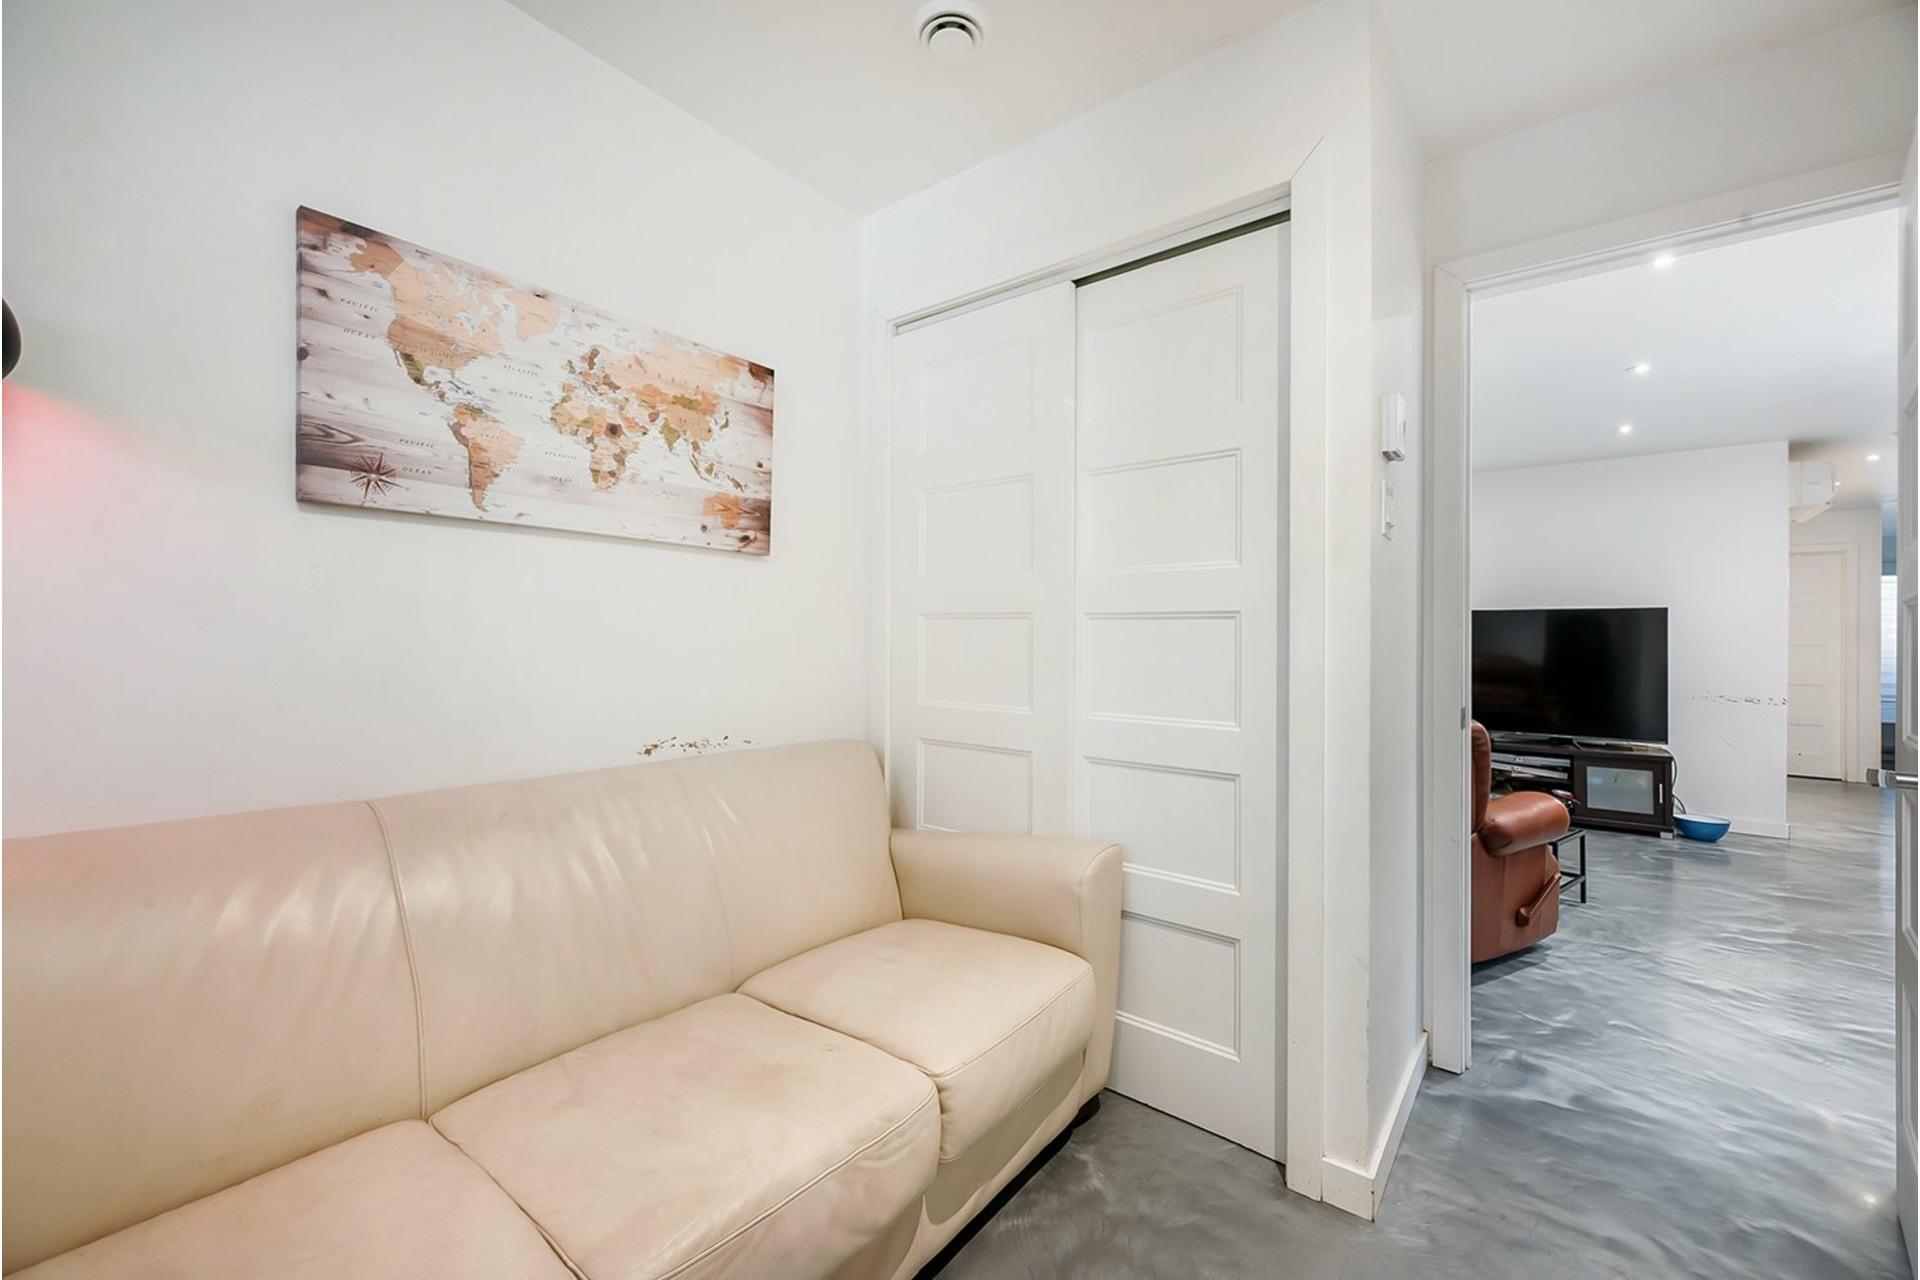 image 72 - Triplex For sale Mercier/Hochelaga-Maisonneuve Montréal  - 4 rooms